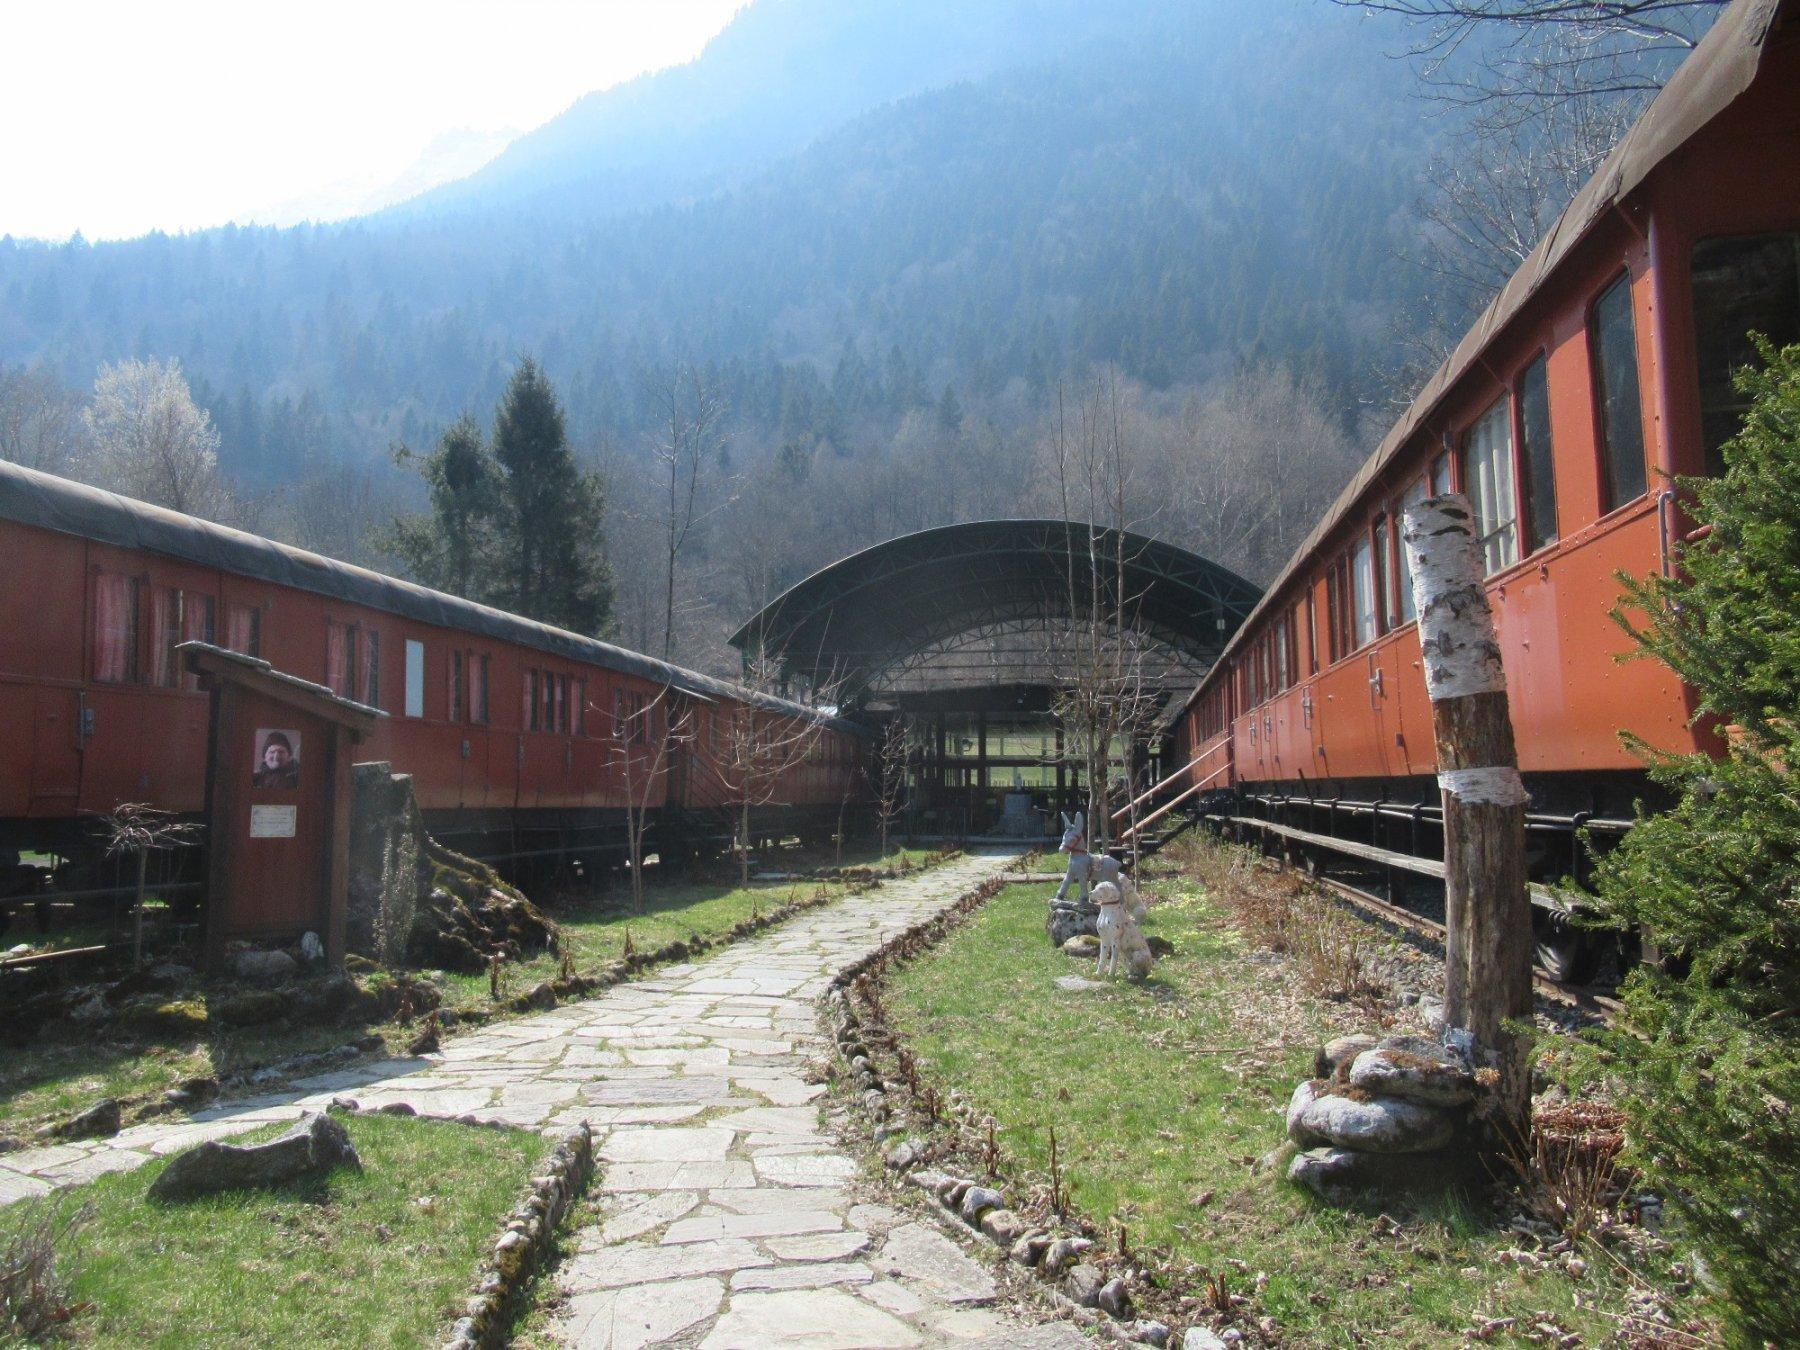 Villaggio Turistico Il treno dei Bimbi